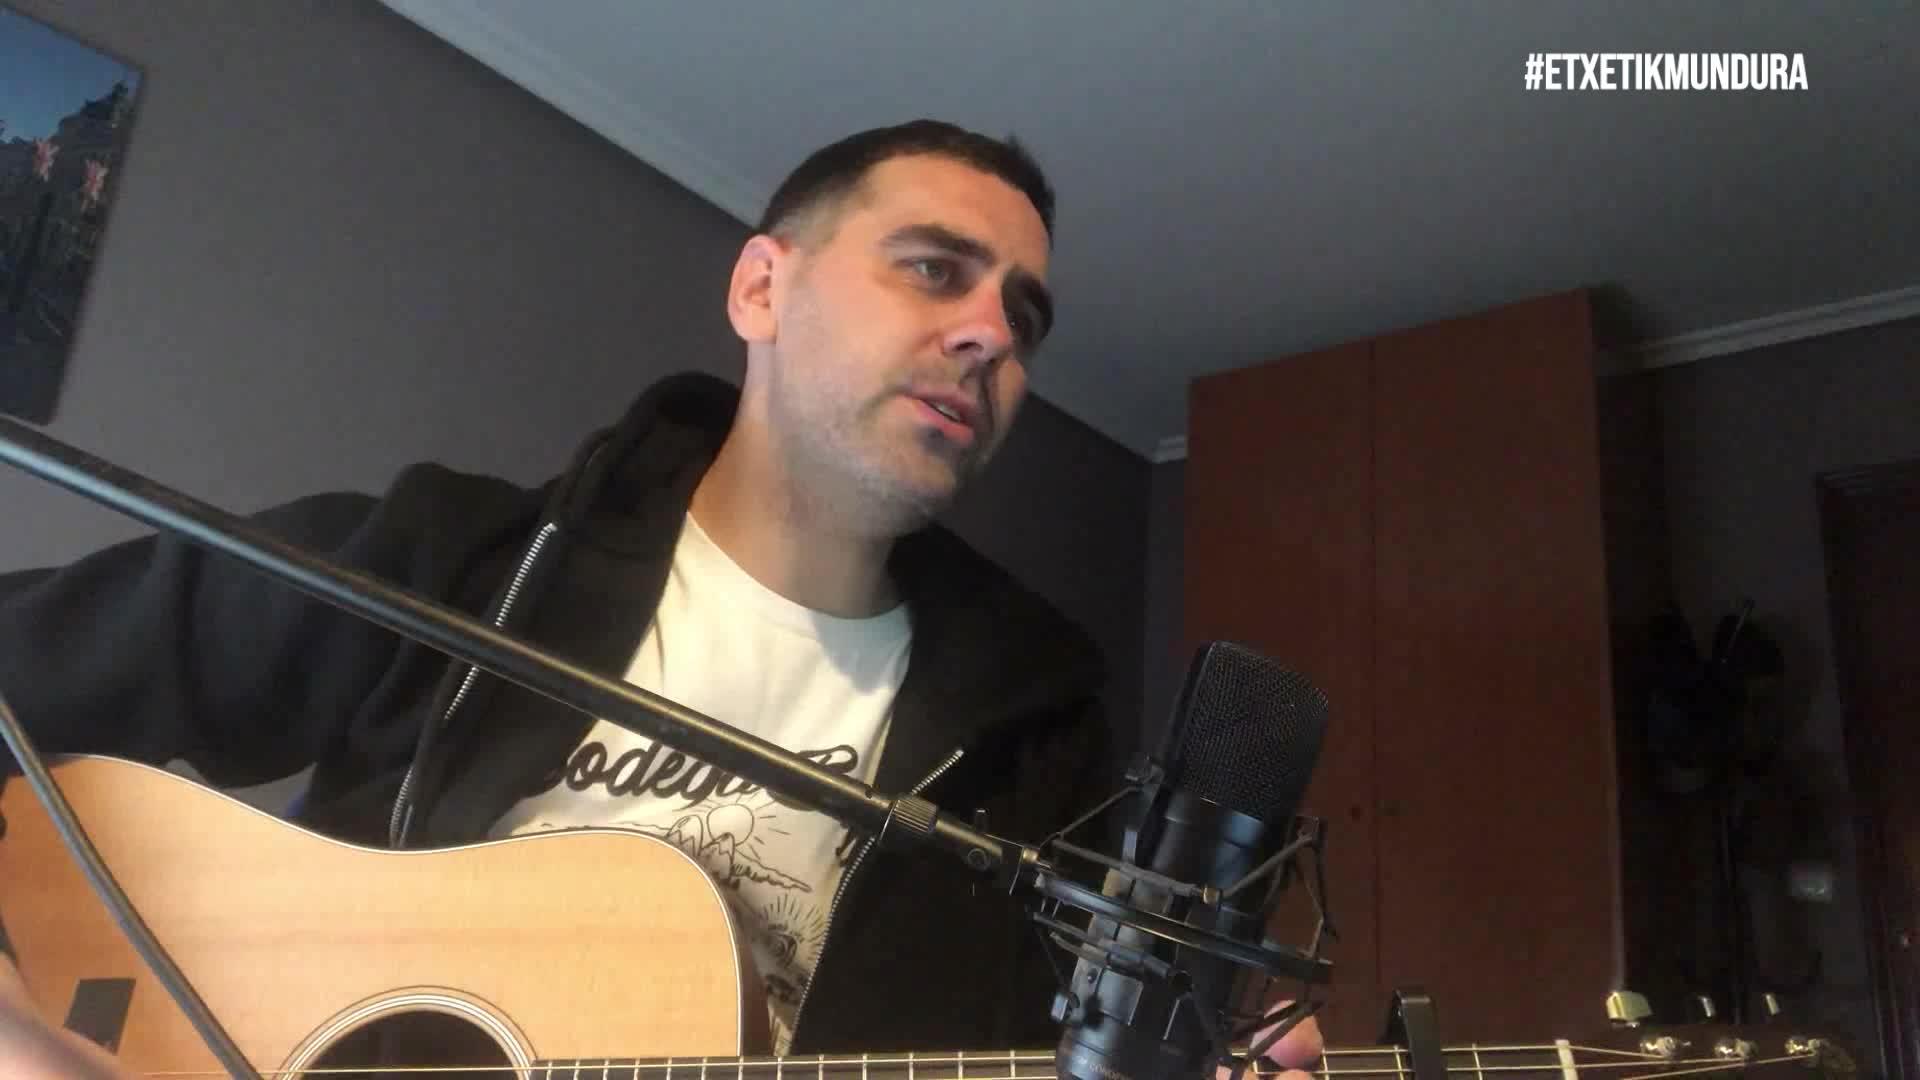 Unax Nogales musikaria, etxetik mundura